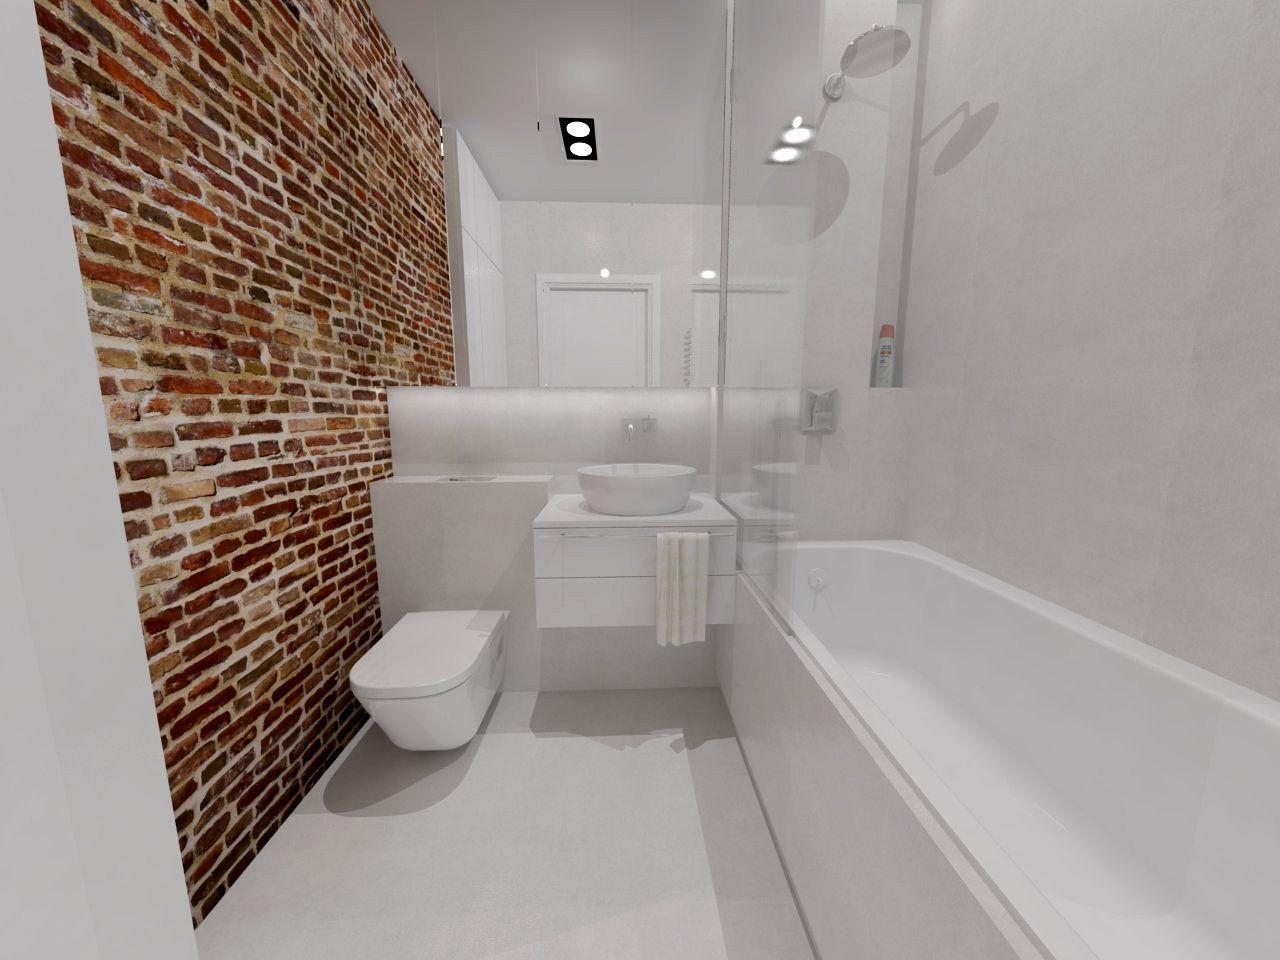 Modern Bathroom With Red Brick Wall Nowoczesna łazienka Ze